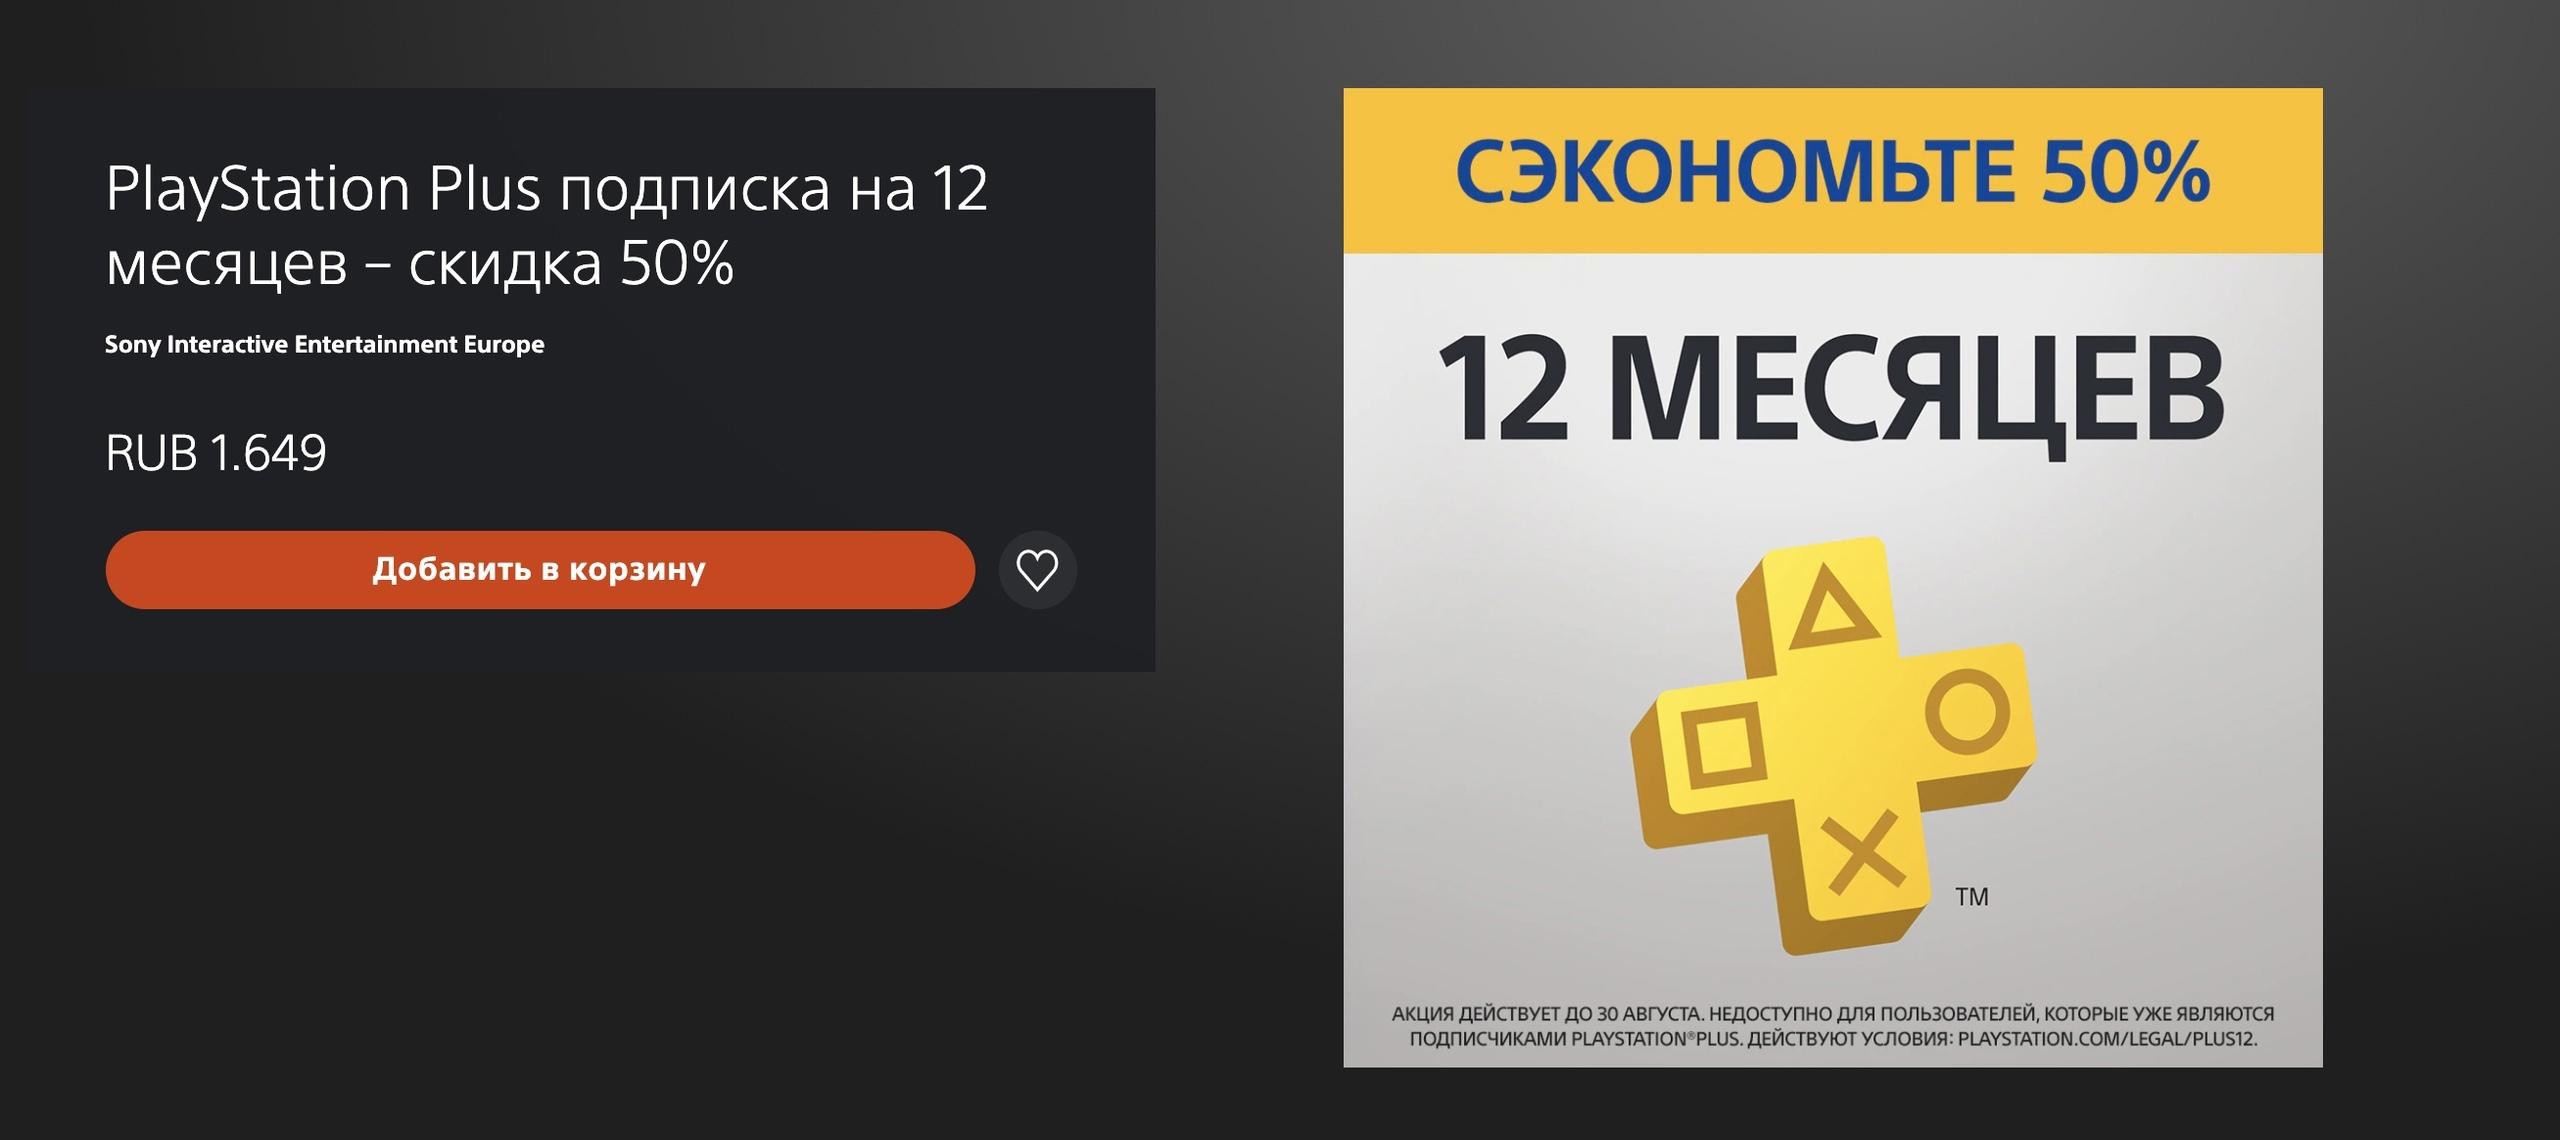 В PS Store появилась первая скидка на PS Plus в 50%